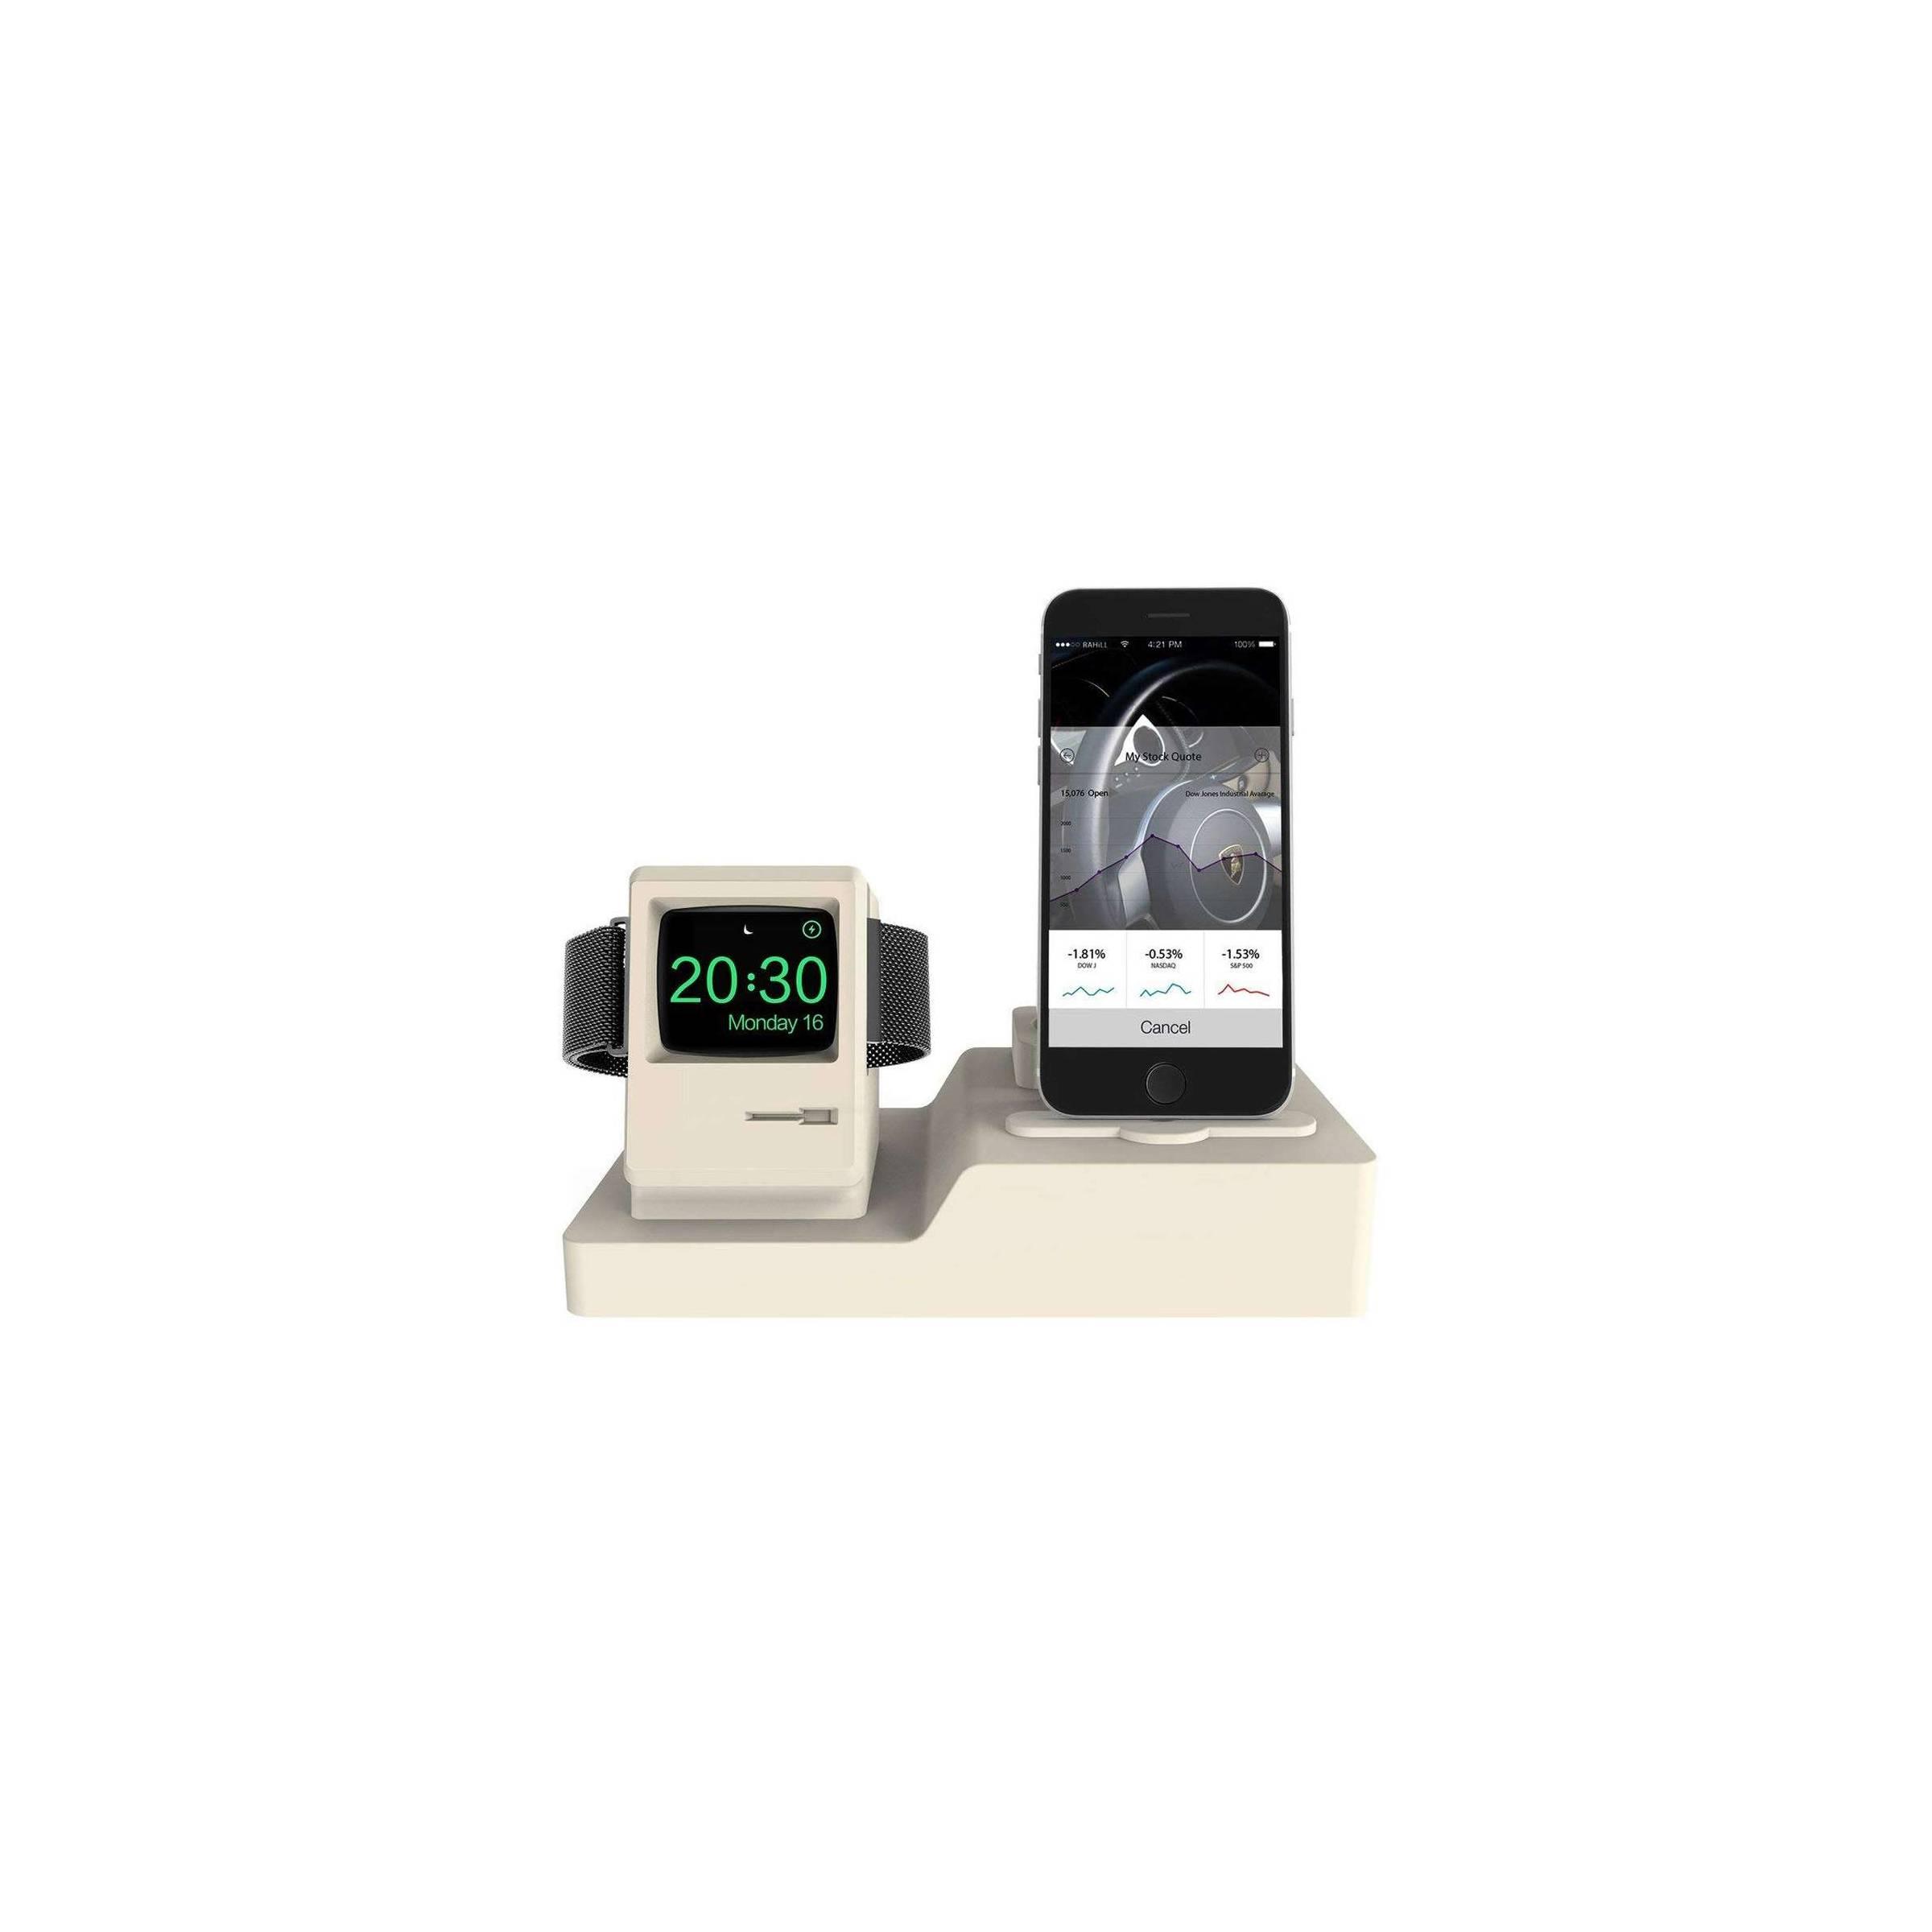 Bilde av 3 I 1 Retro Apple Watch Stander Med Macintosh Look I Grå